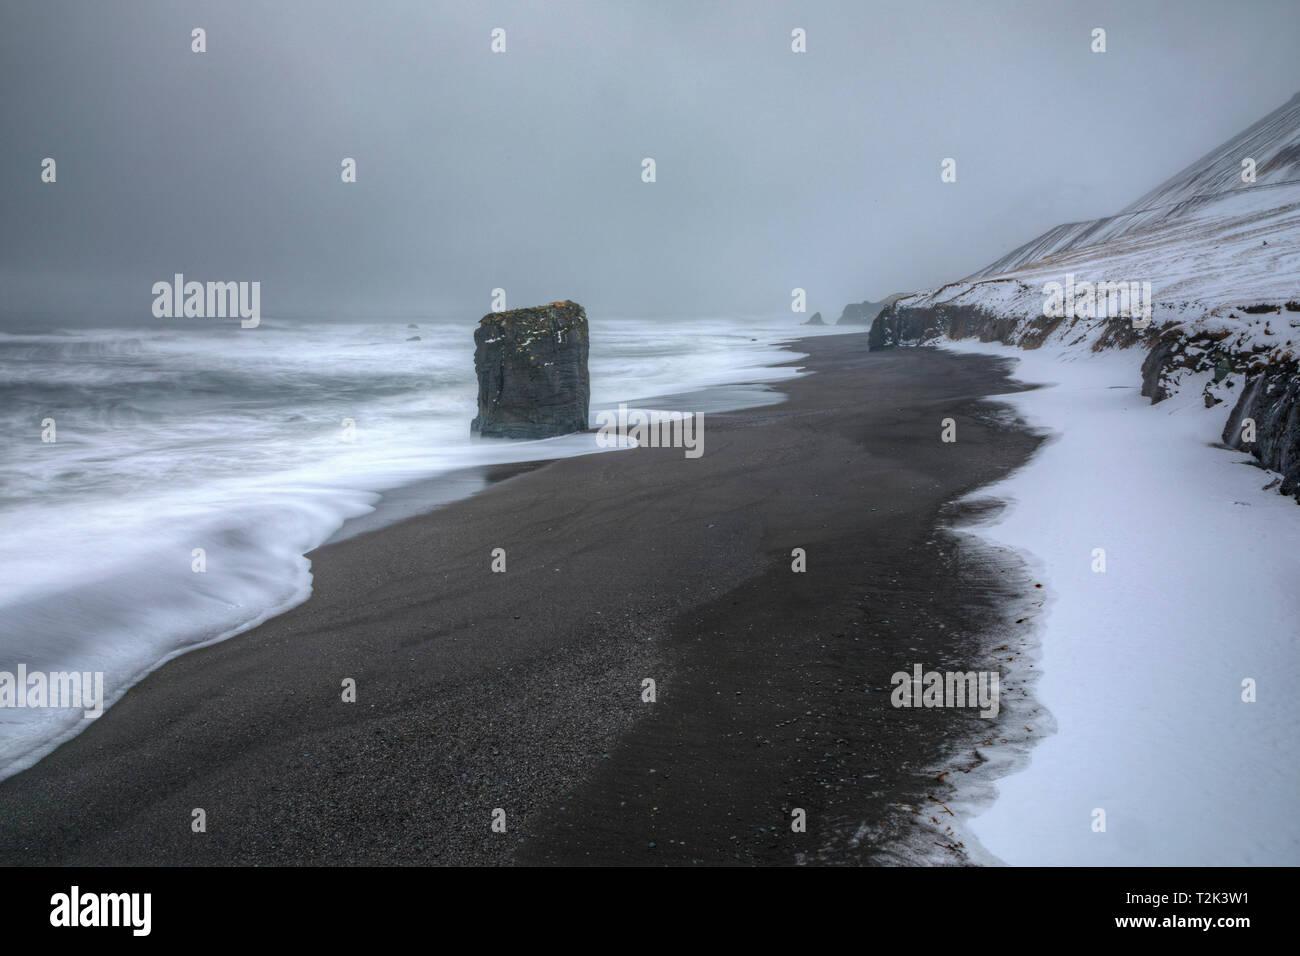 Iceland, Djupivogur, Laekjavik, Europe - Stock Image